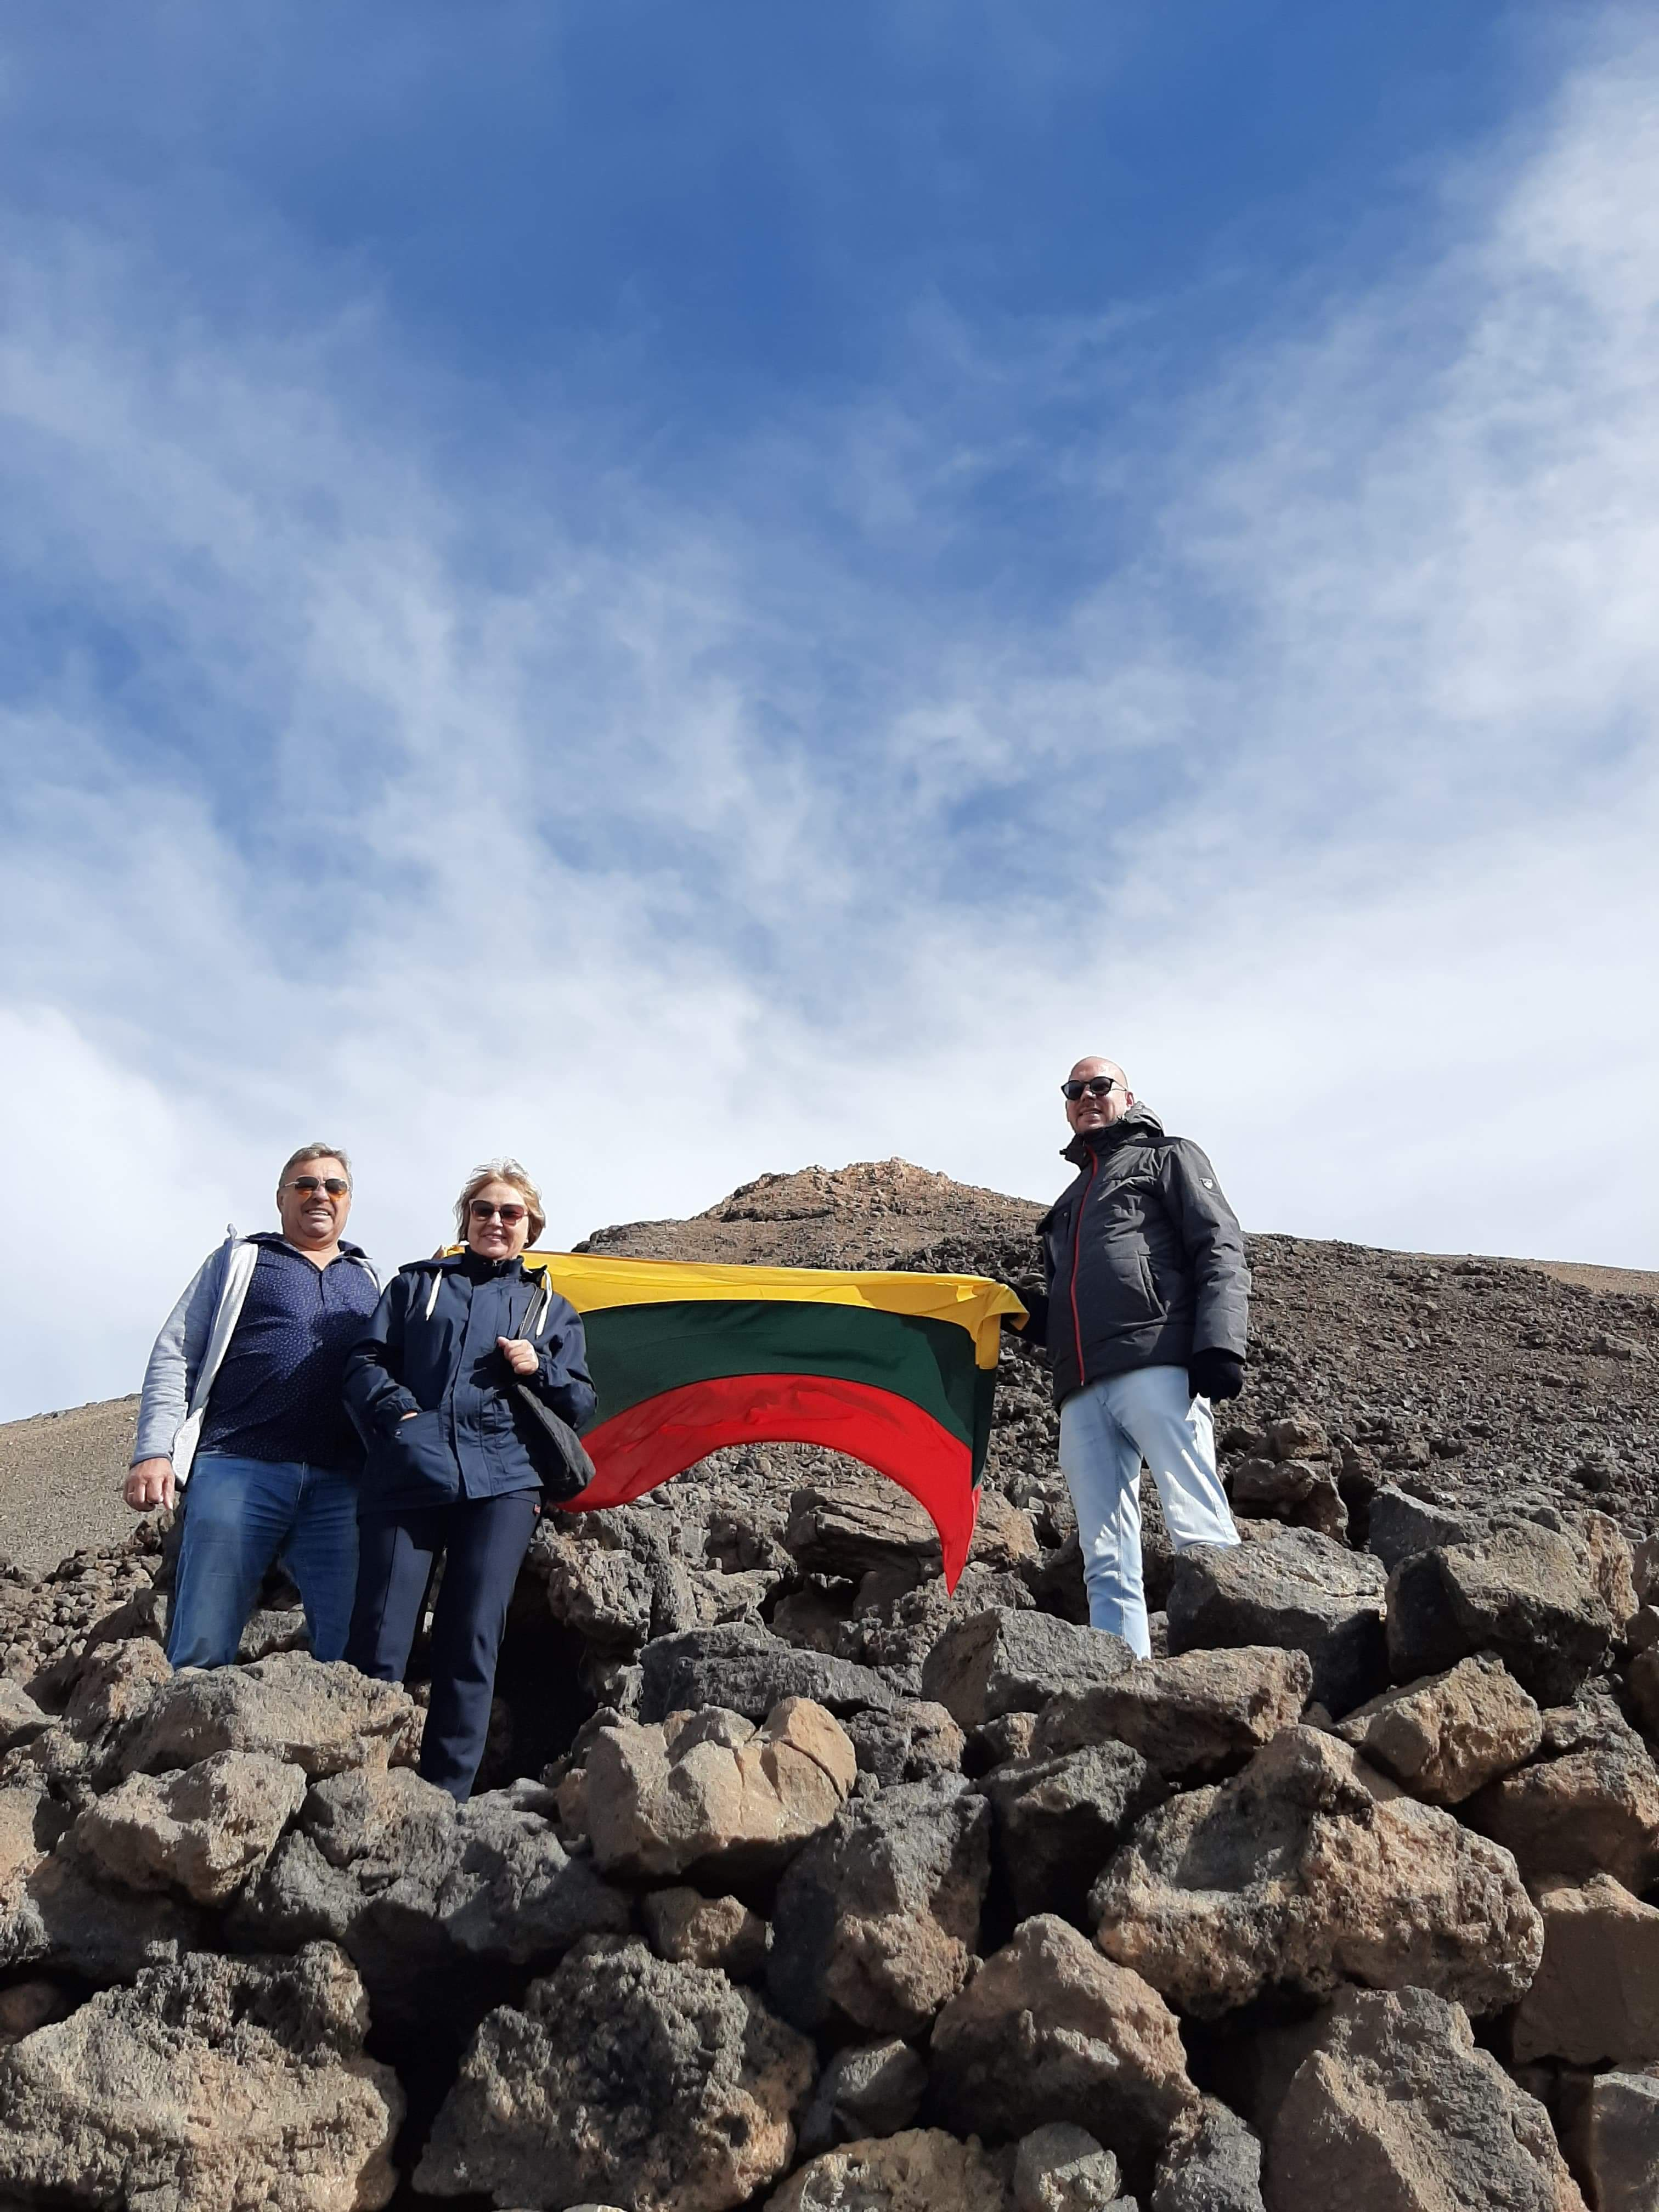 VĖLIAVOS ŽYGIS. TEIDĖ. 2020 Kovo 11-oji Lietuvos nepriklausomybes atkurimas Renginiai Tenerifeje Lietuviu bendruomene Tenerifeje